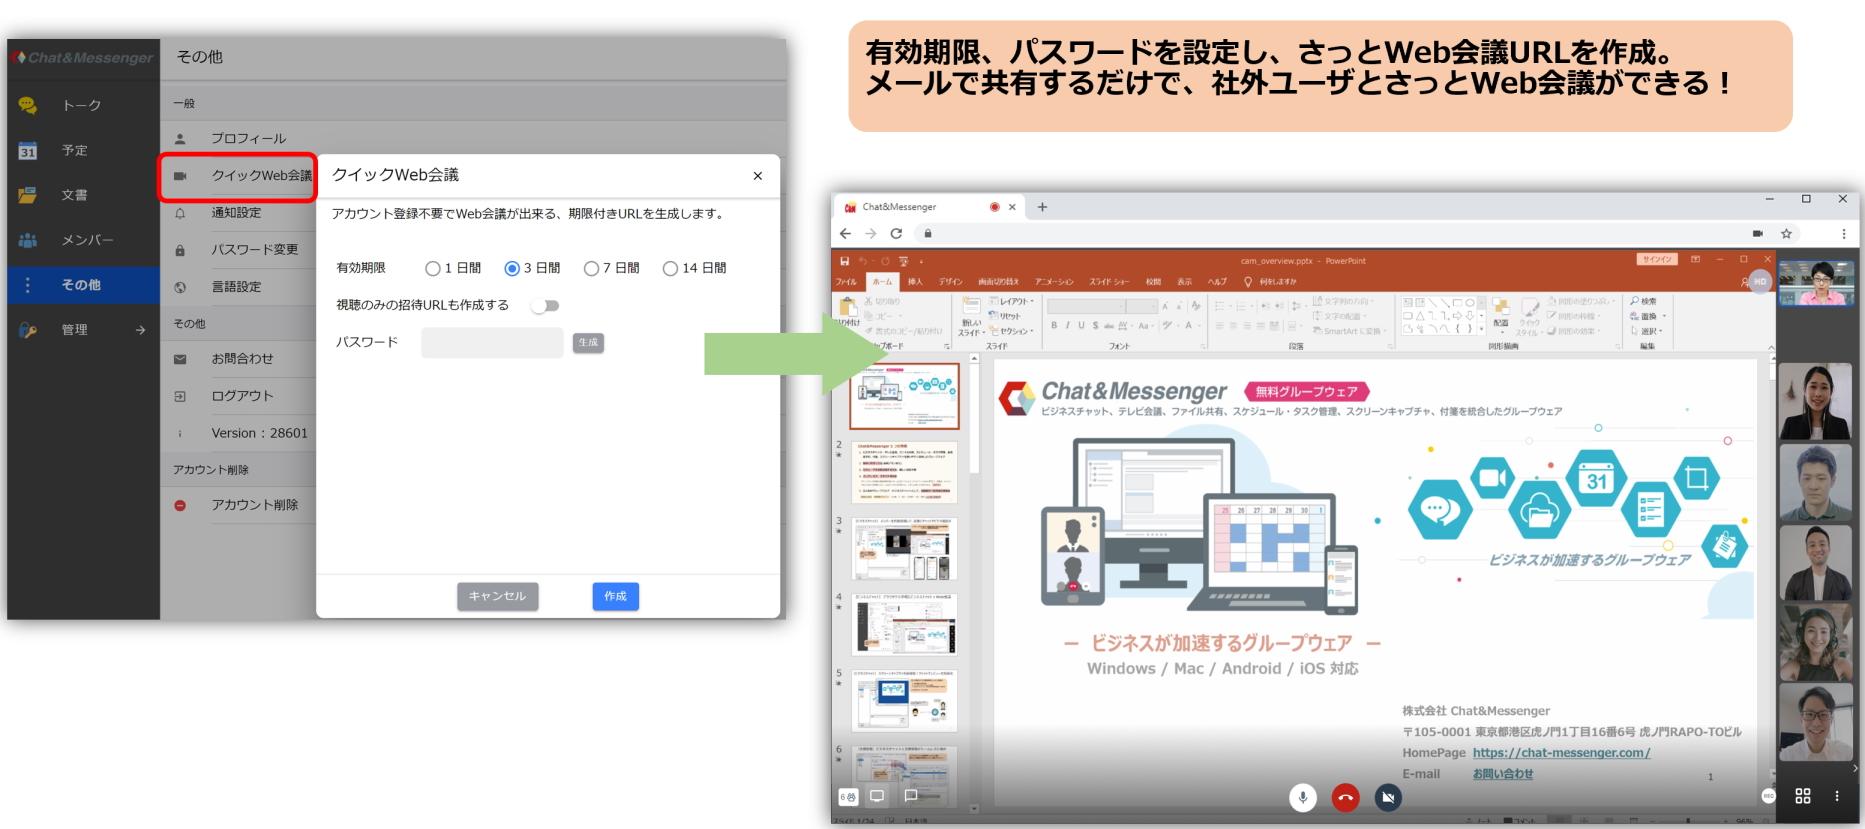 文書共有しながらWeb会議、デスクトップ画面も共有できる